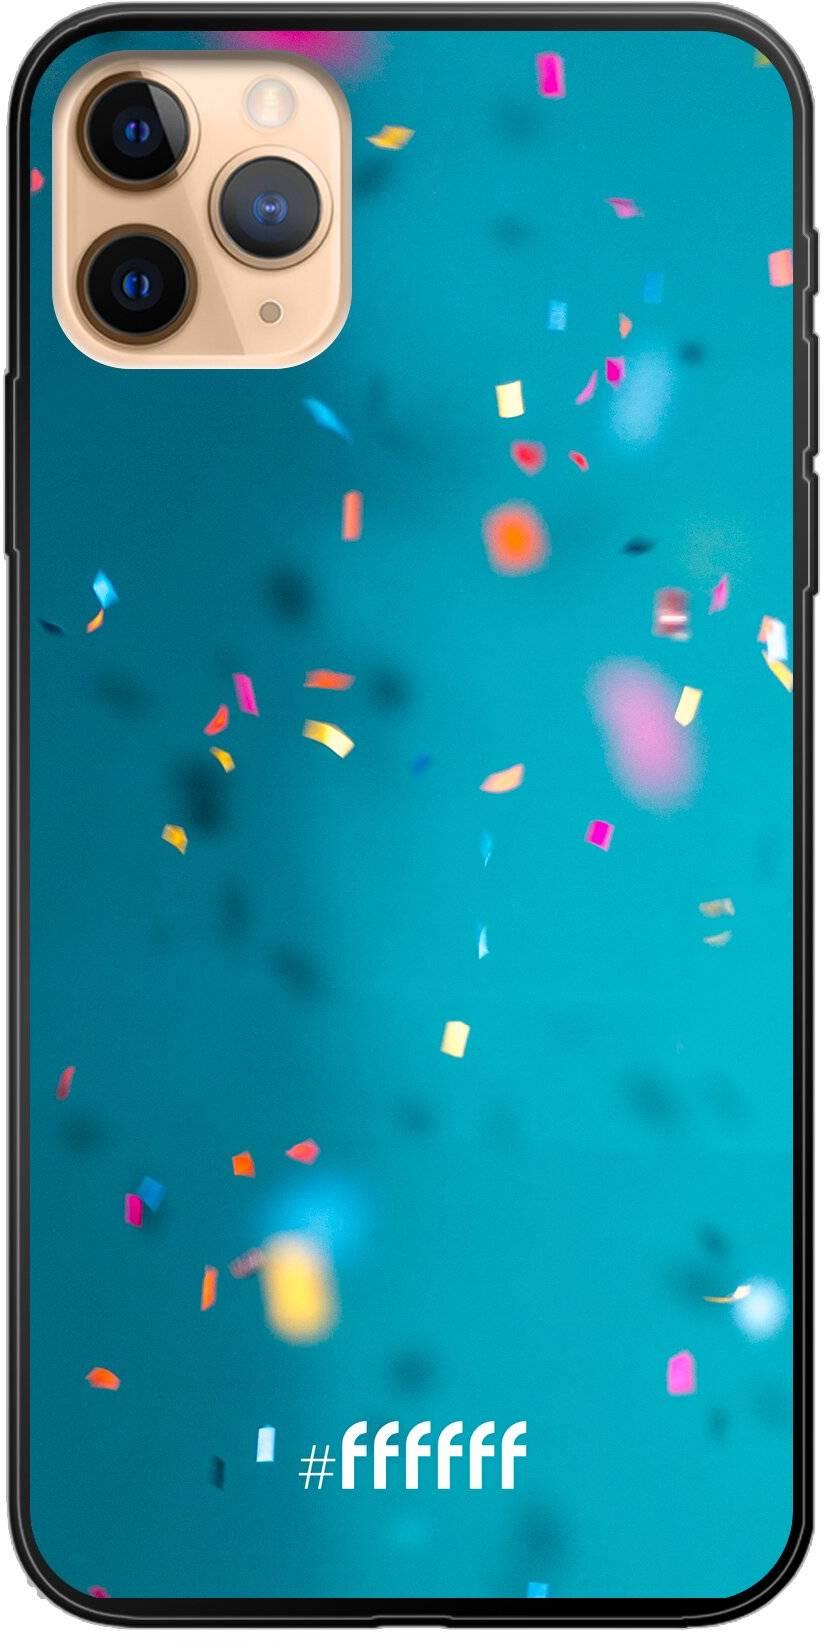 Confetti iPhone 11 Pro Max